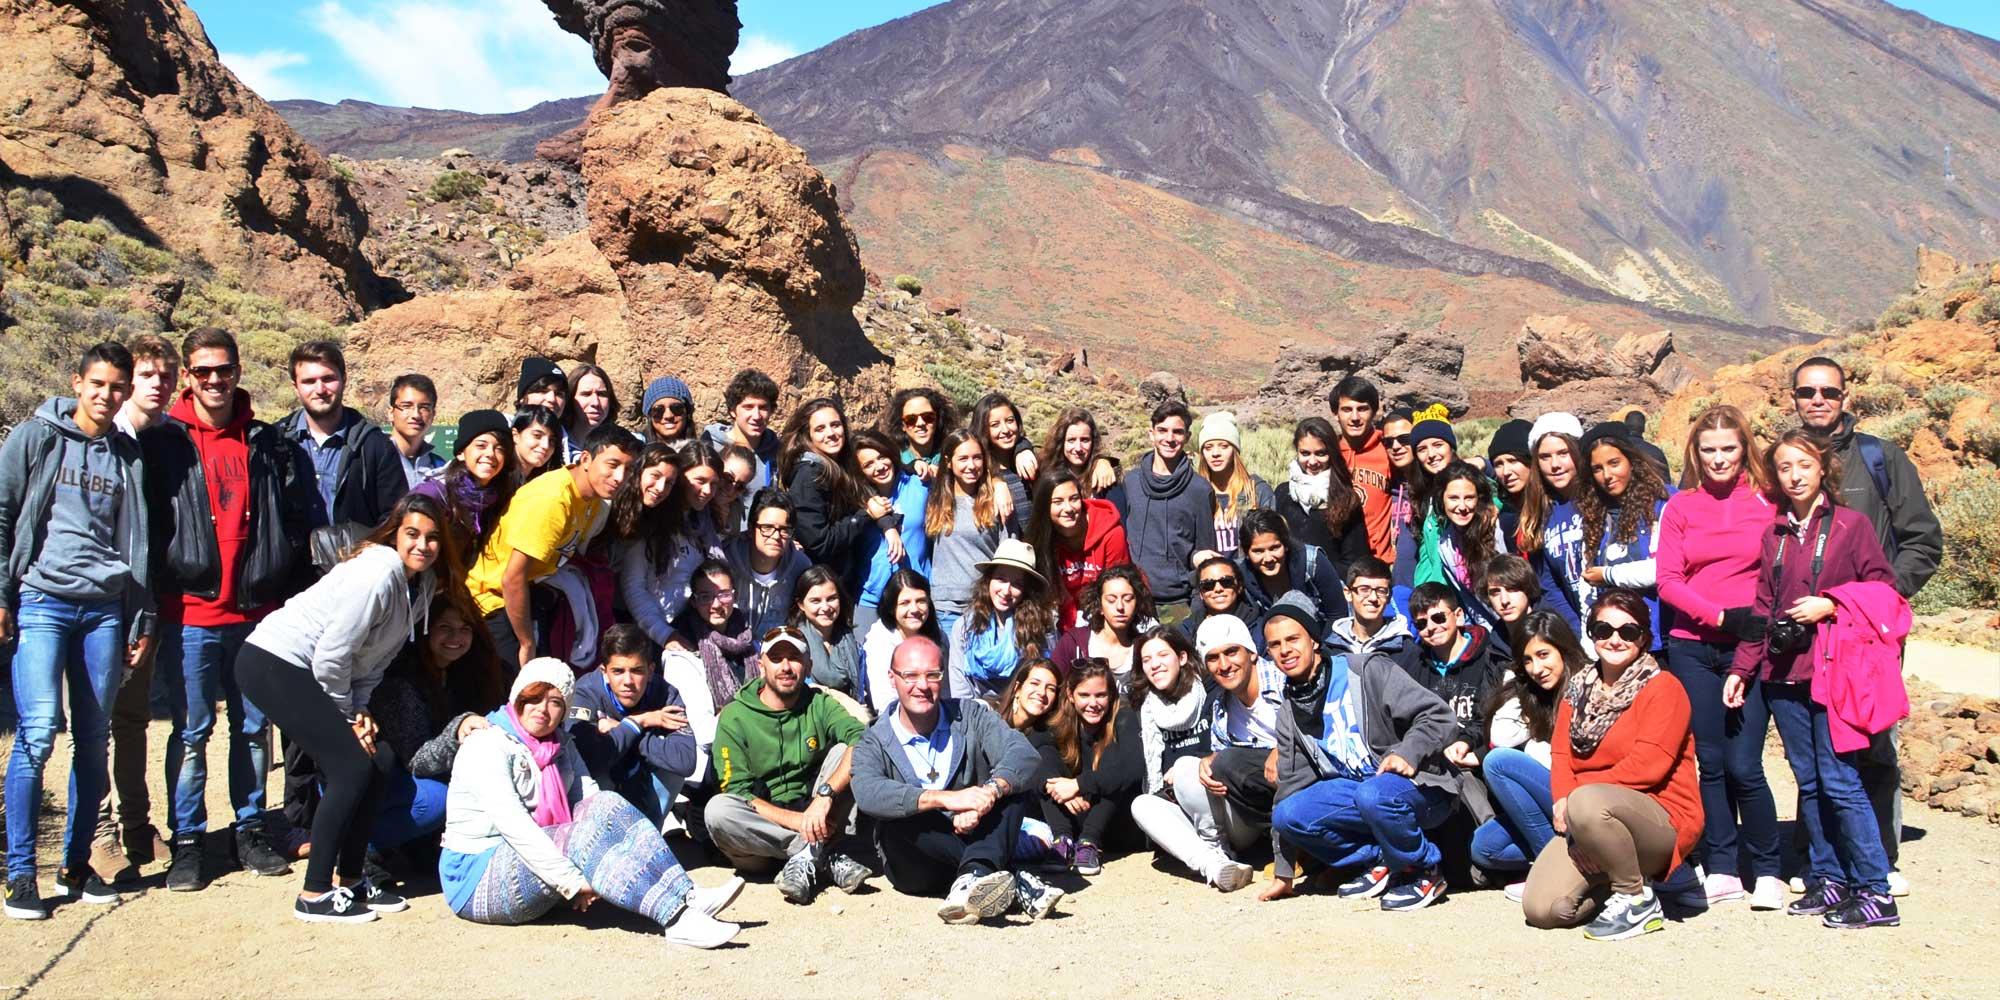 Don Bosco Borgomanero, Scambi Internazionali, Tenerife